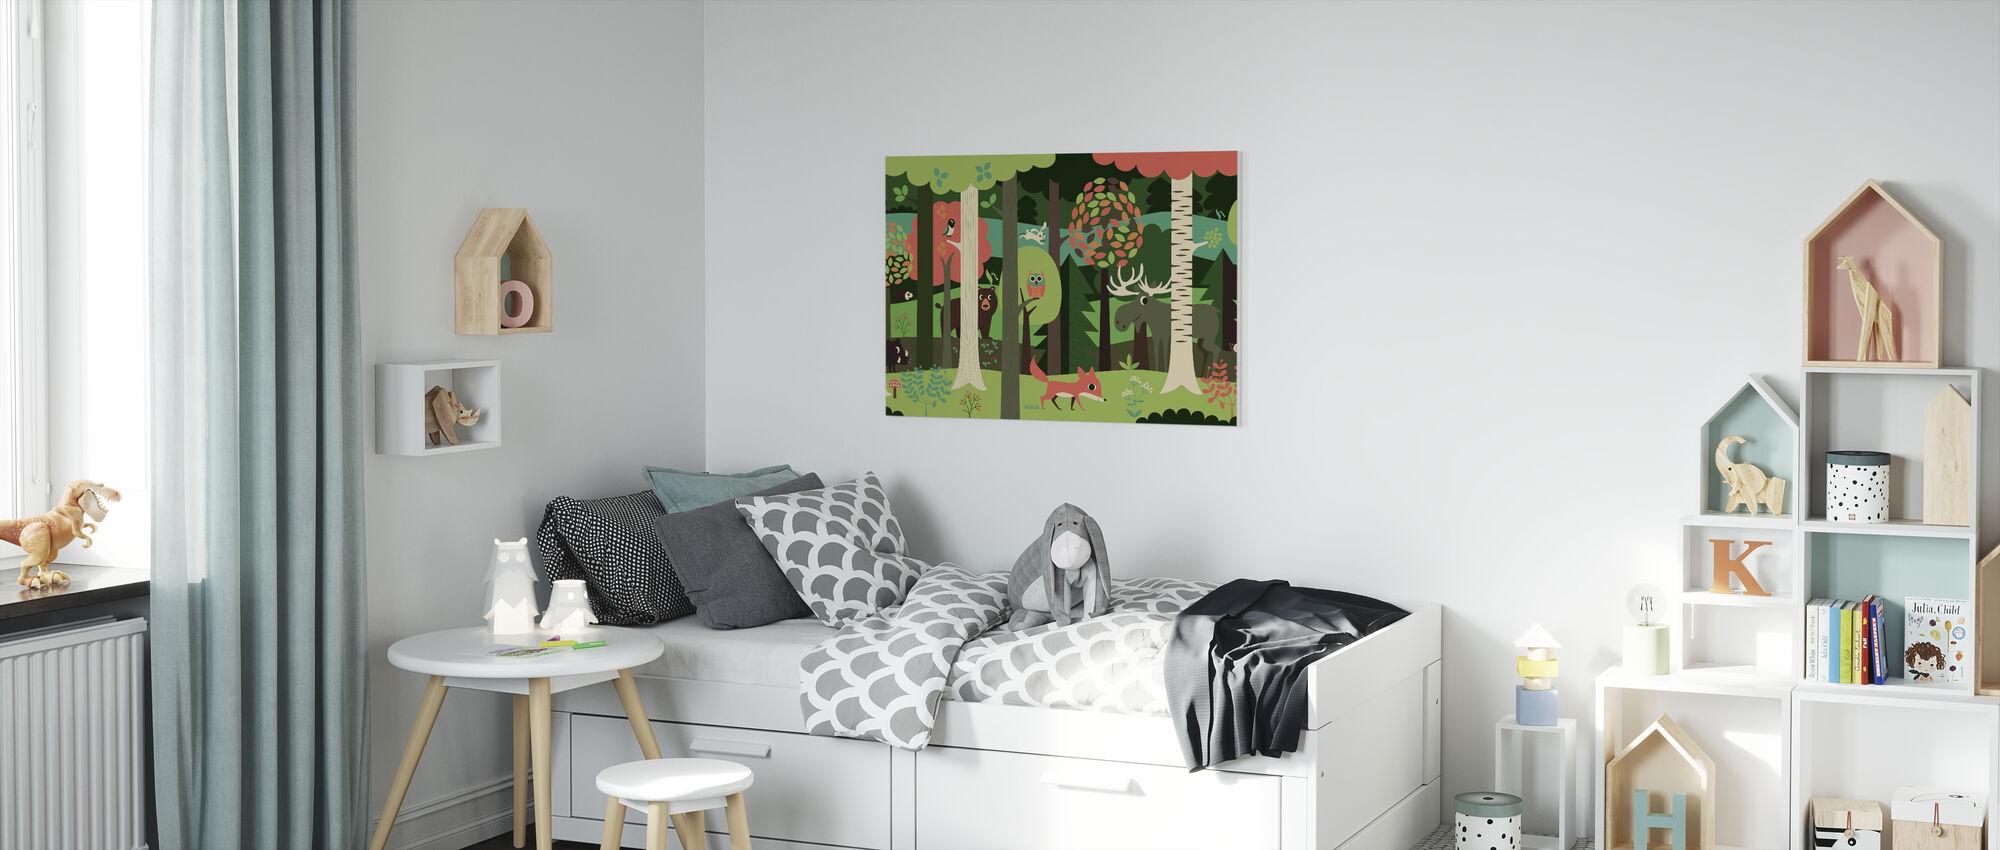 In het bos - Groen - Canvas print - Kinderkamer